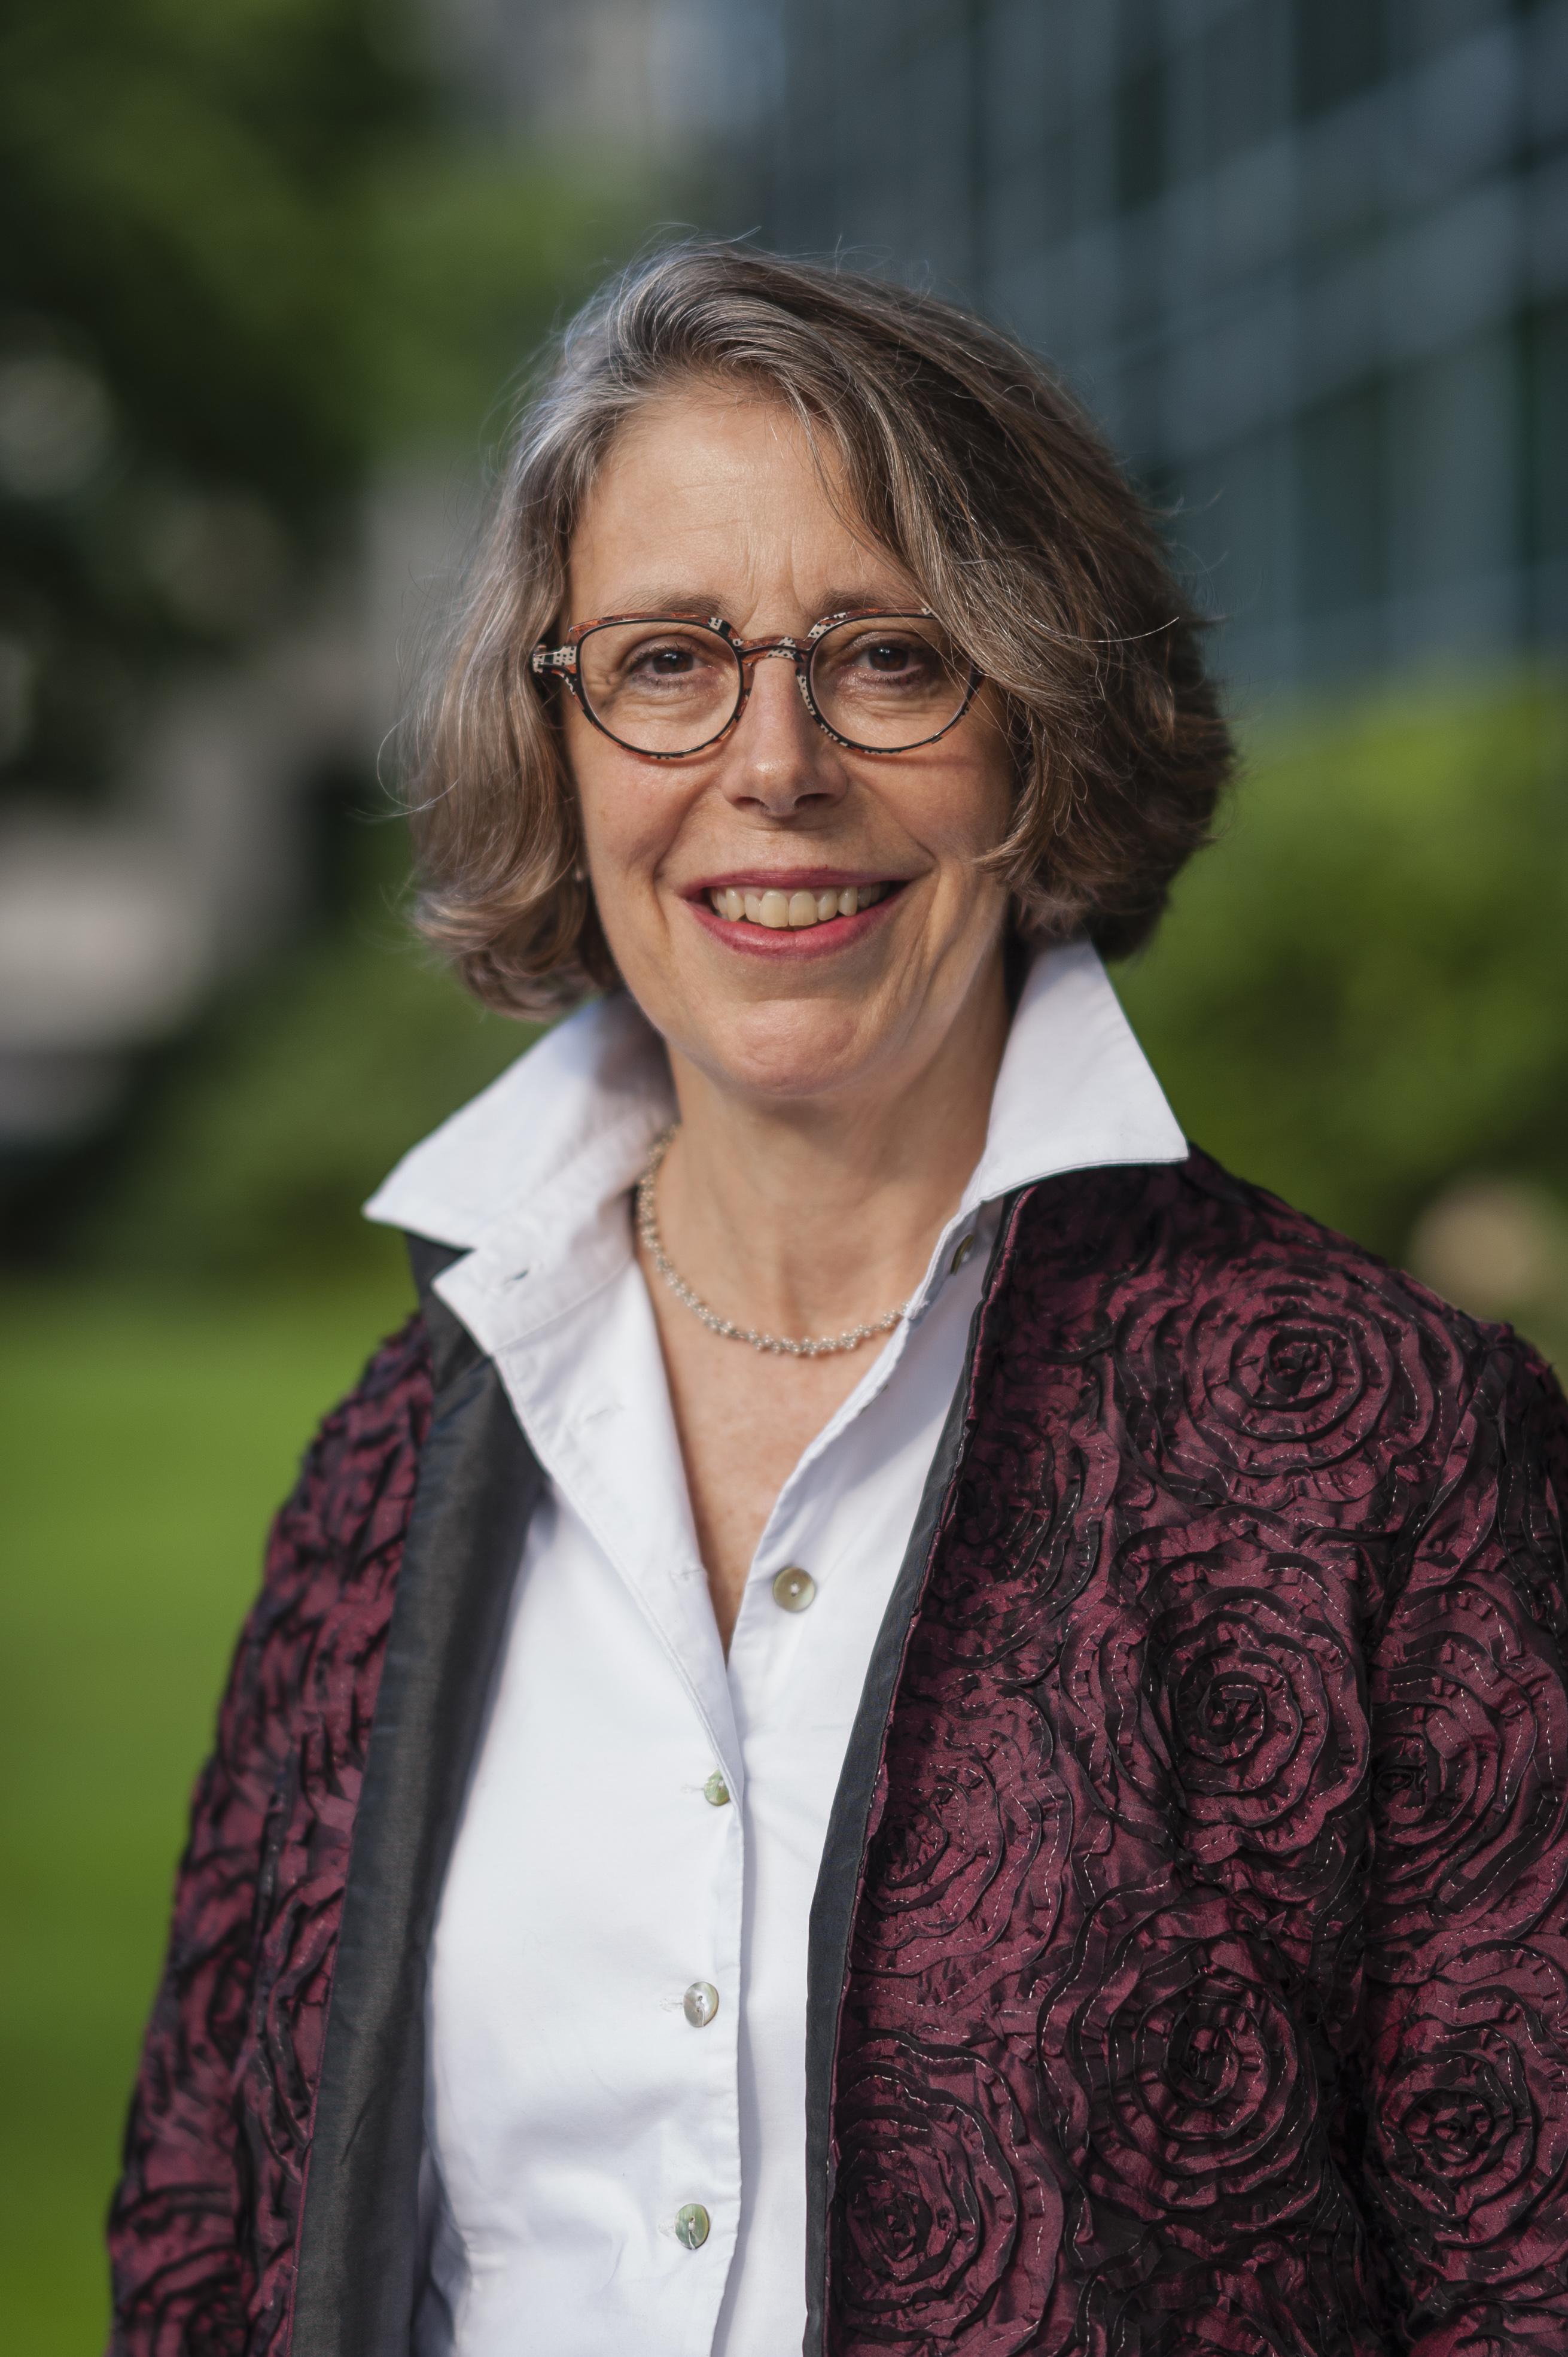 Mary Loeffelholz